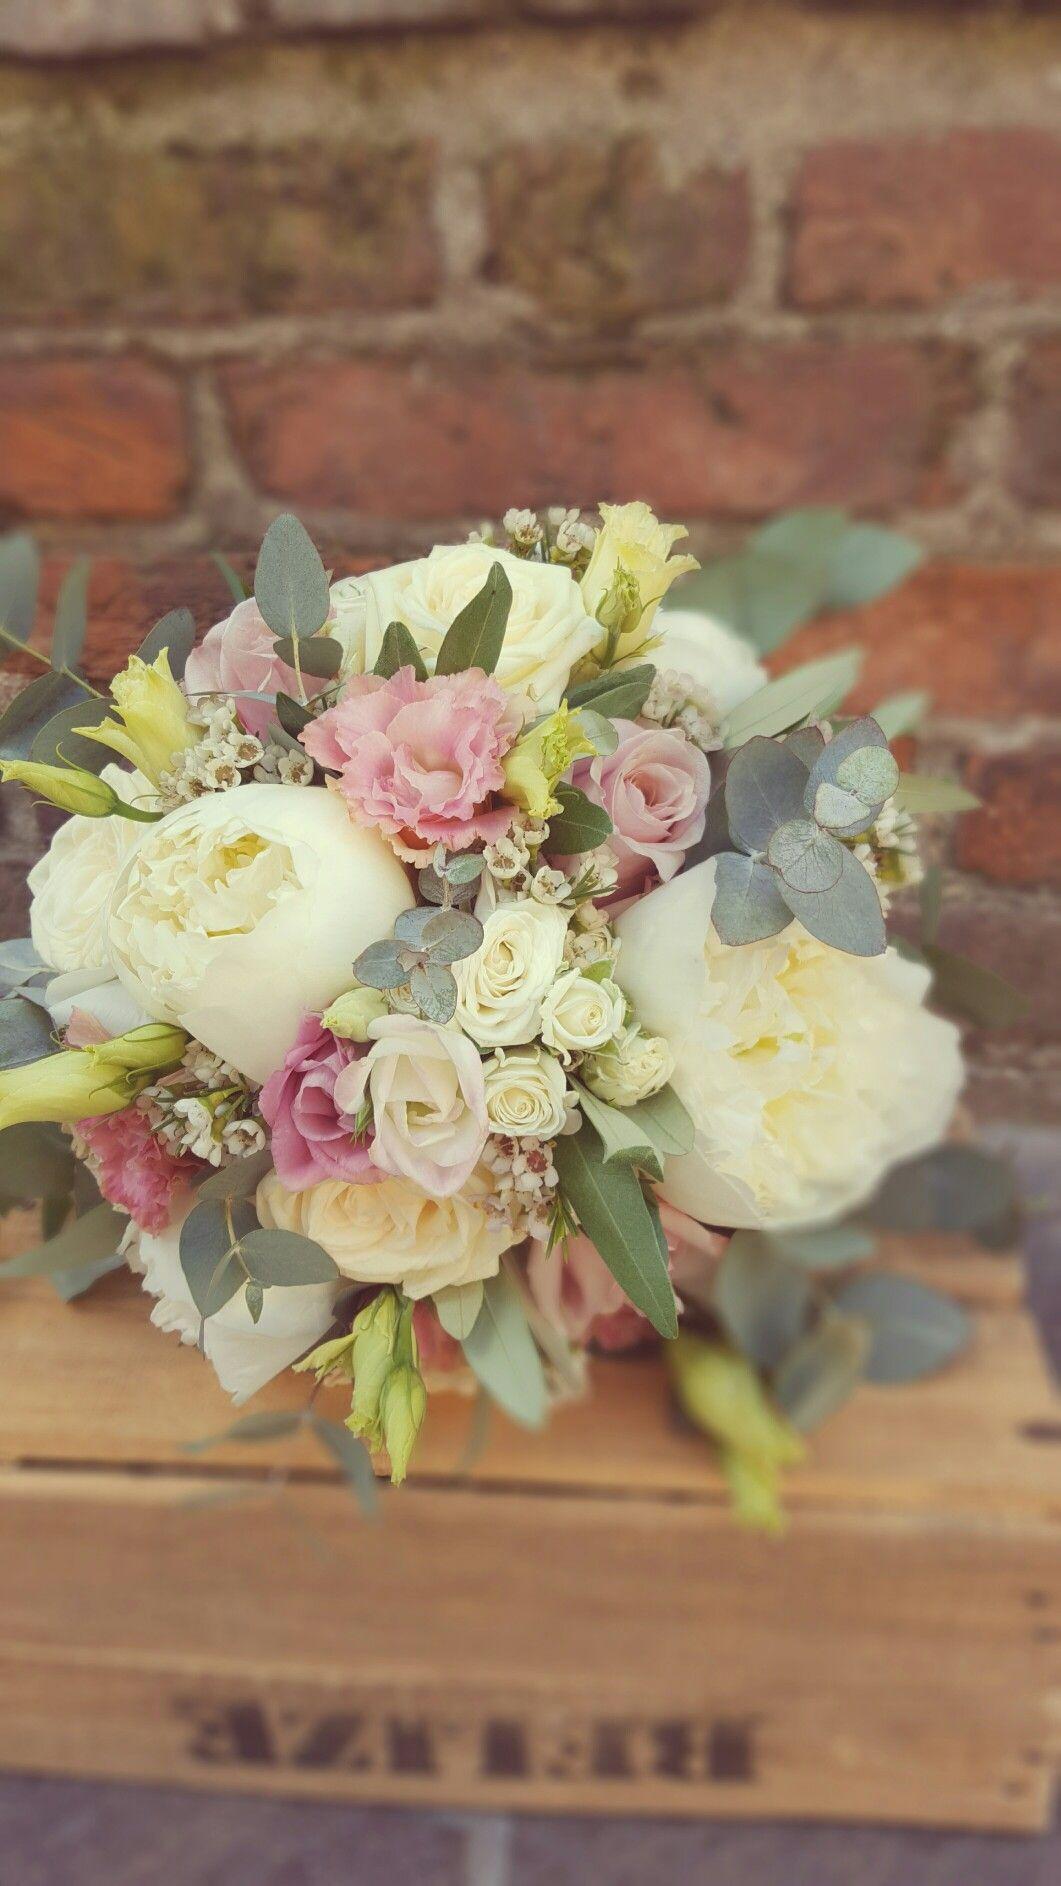 Wedding Bouquet Toscana Bridal Greenery Pink Non Solo Fiori Www Nonsolofioricascina